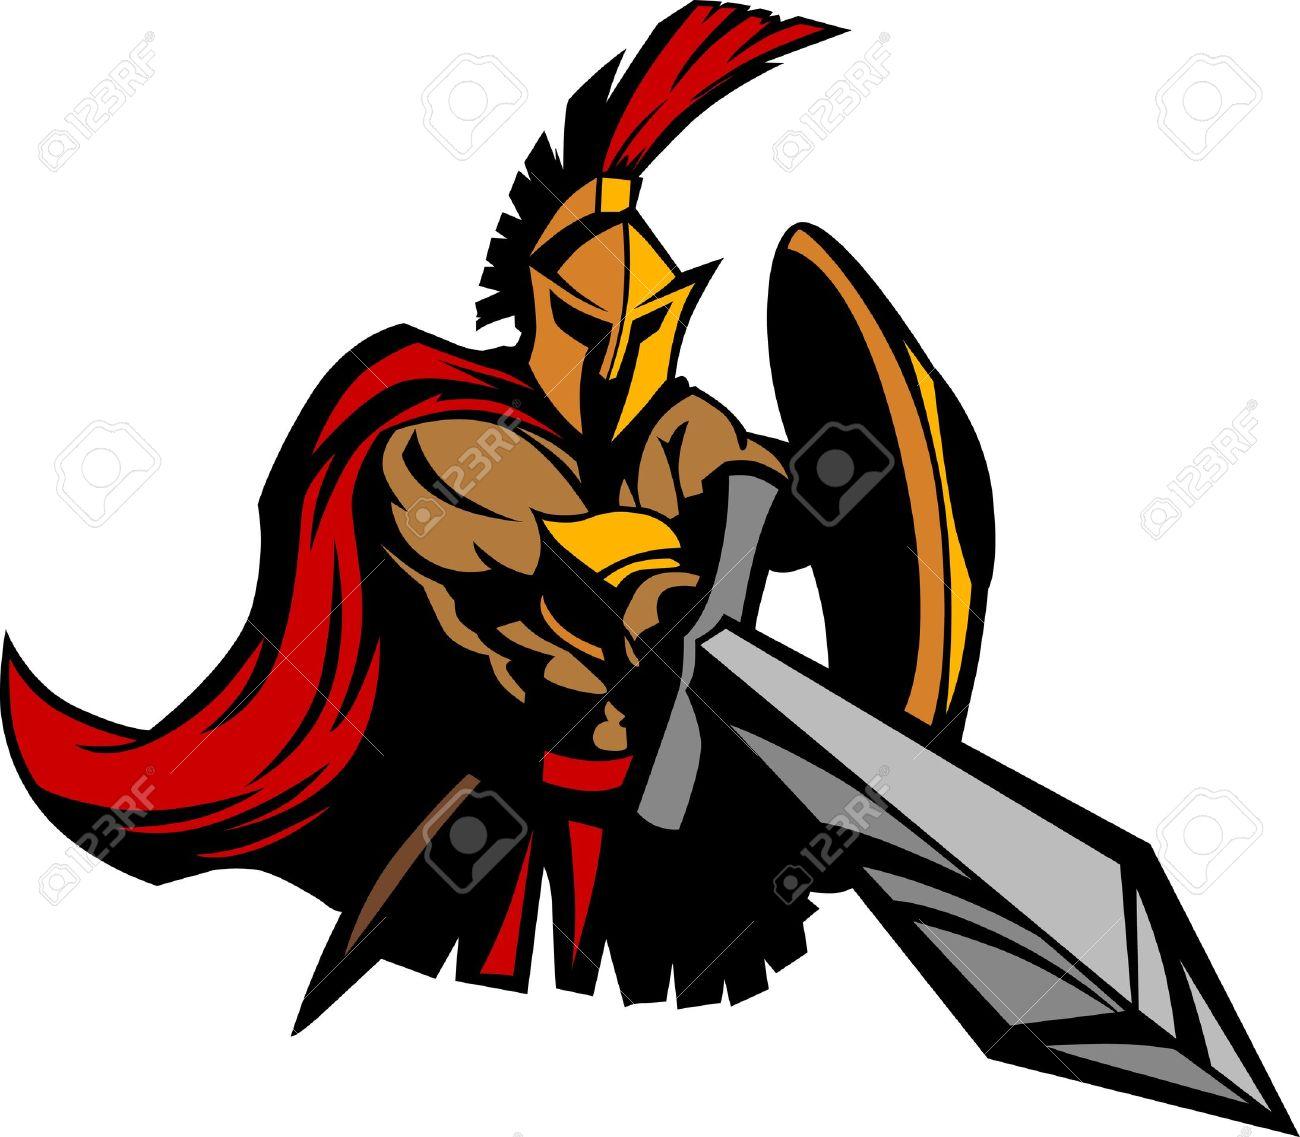 Spartan Trojan Mascot with Sword and Shield Standard-Bild - 10780332